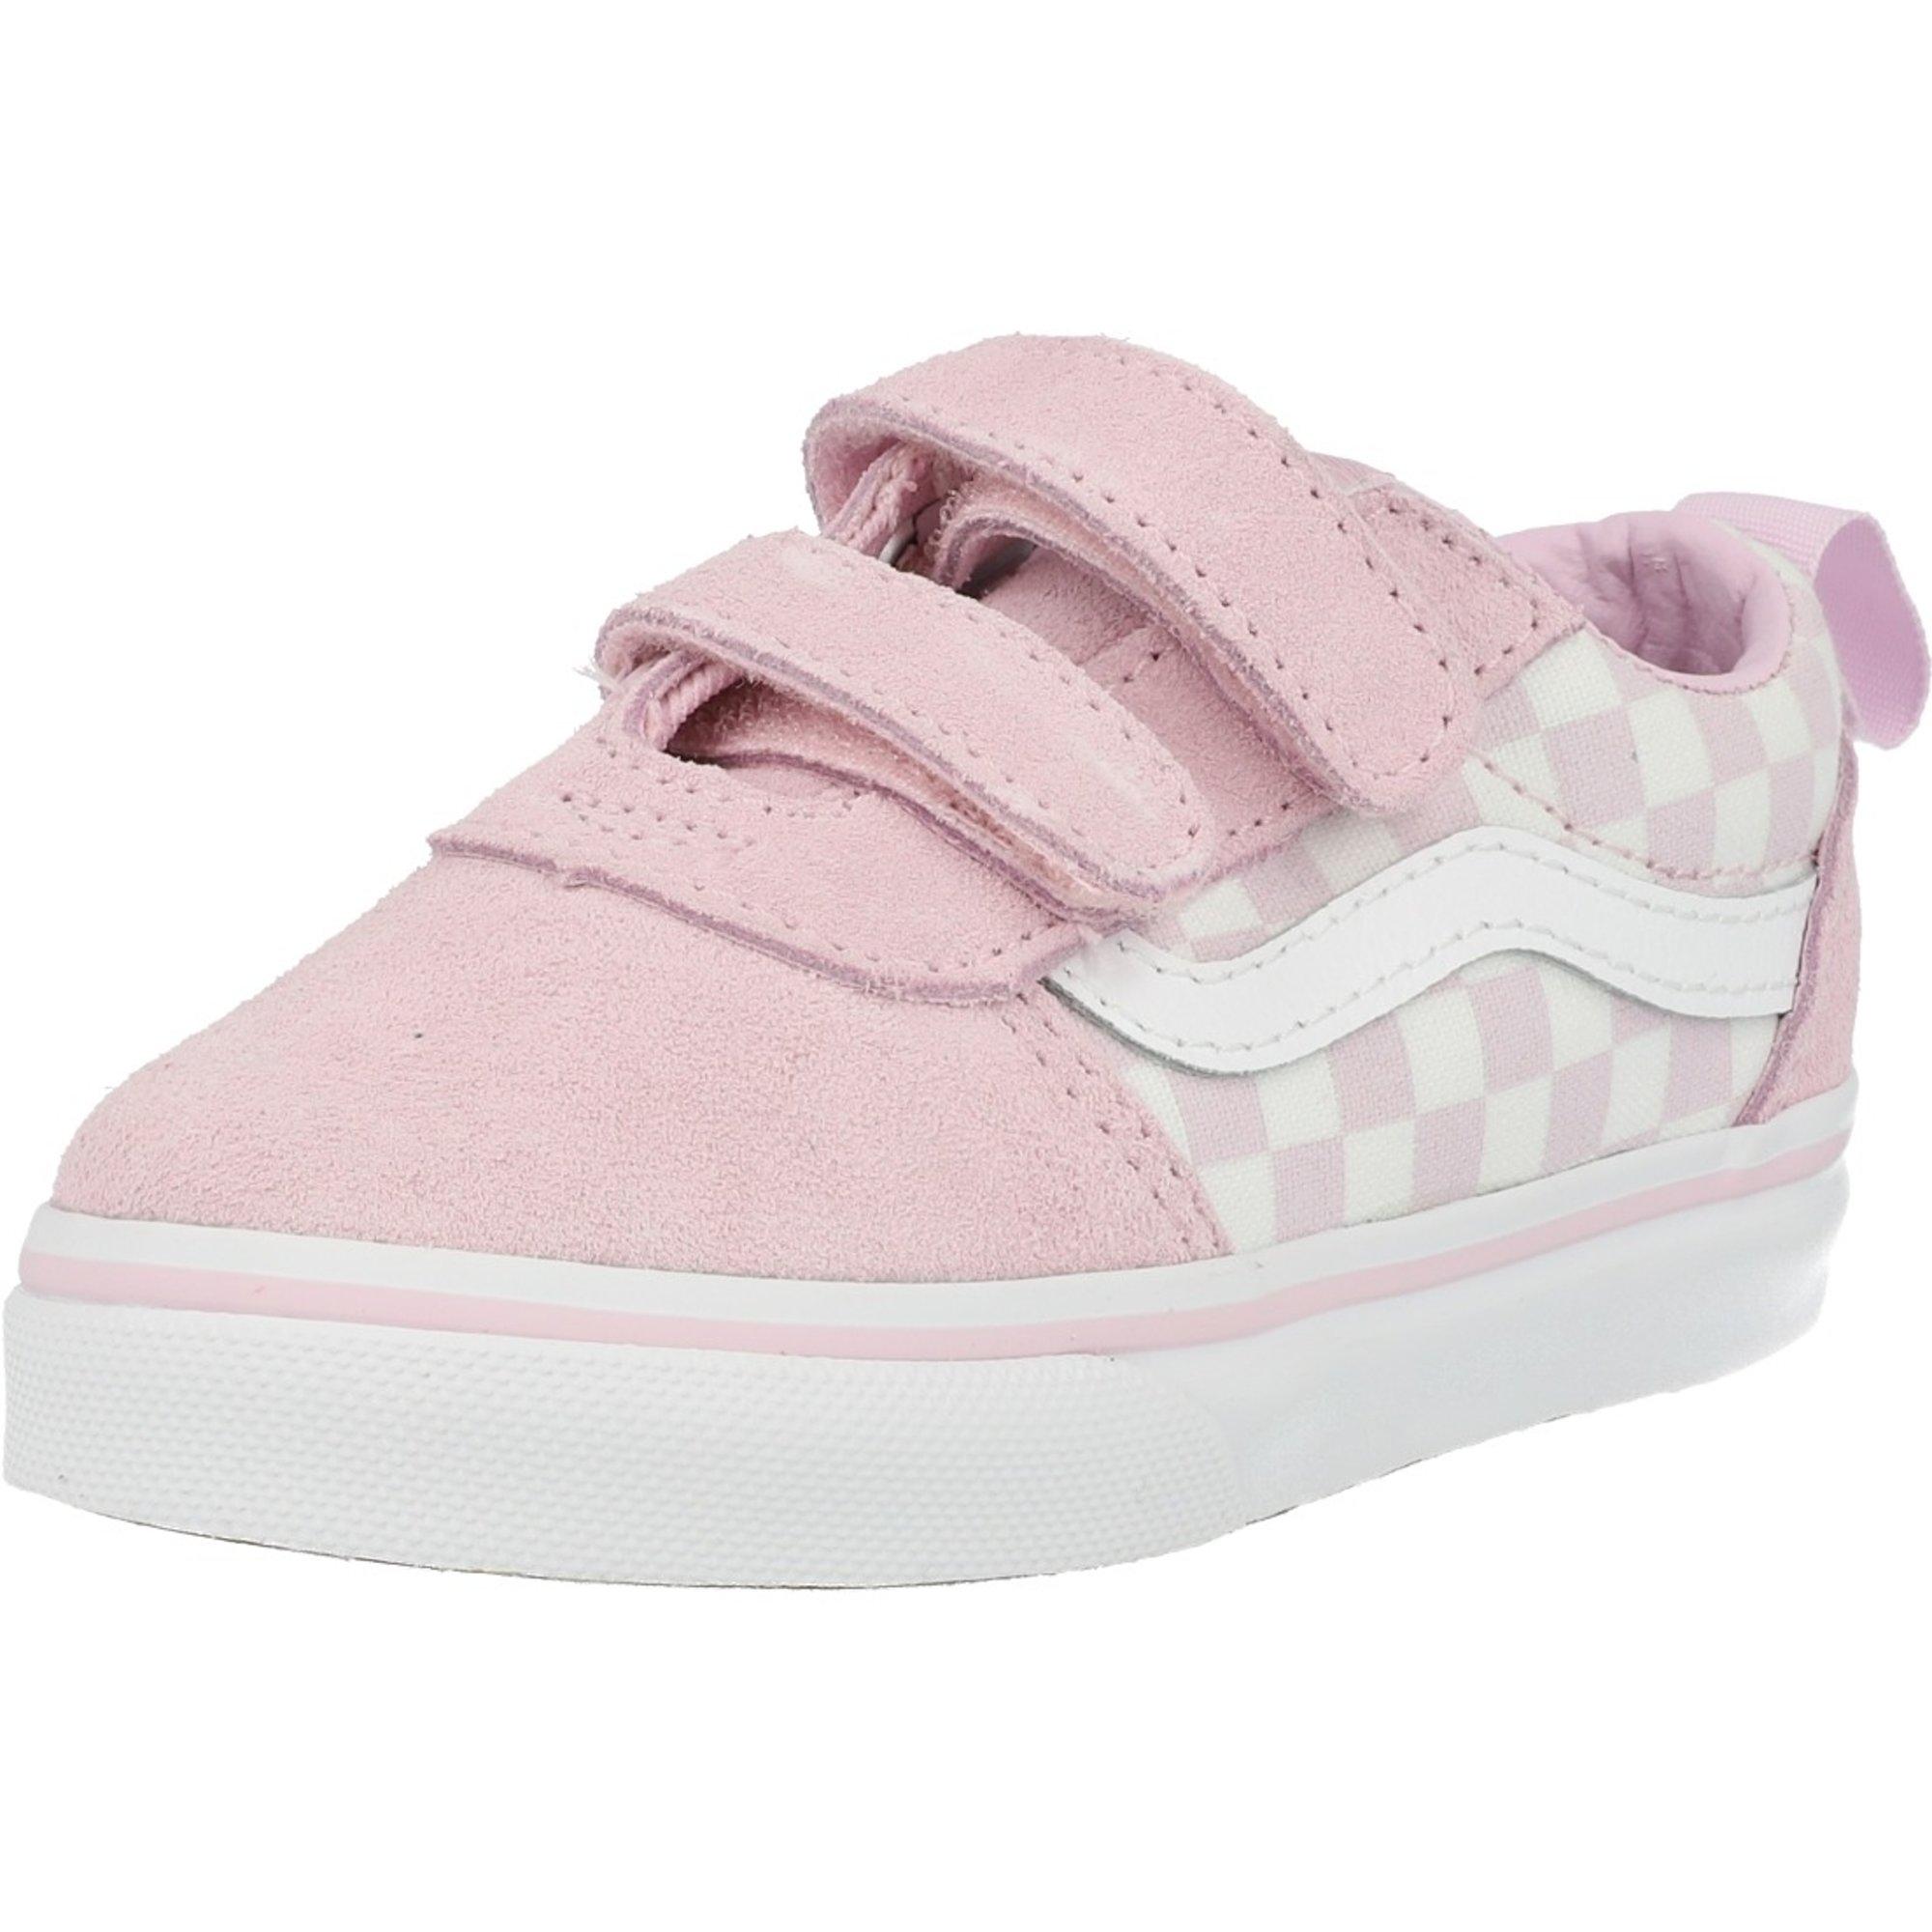 Vans Schuhe: MN Ferris BK | Online Kaufen| Fillow Shop